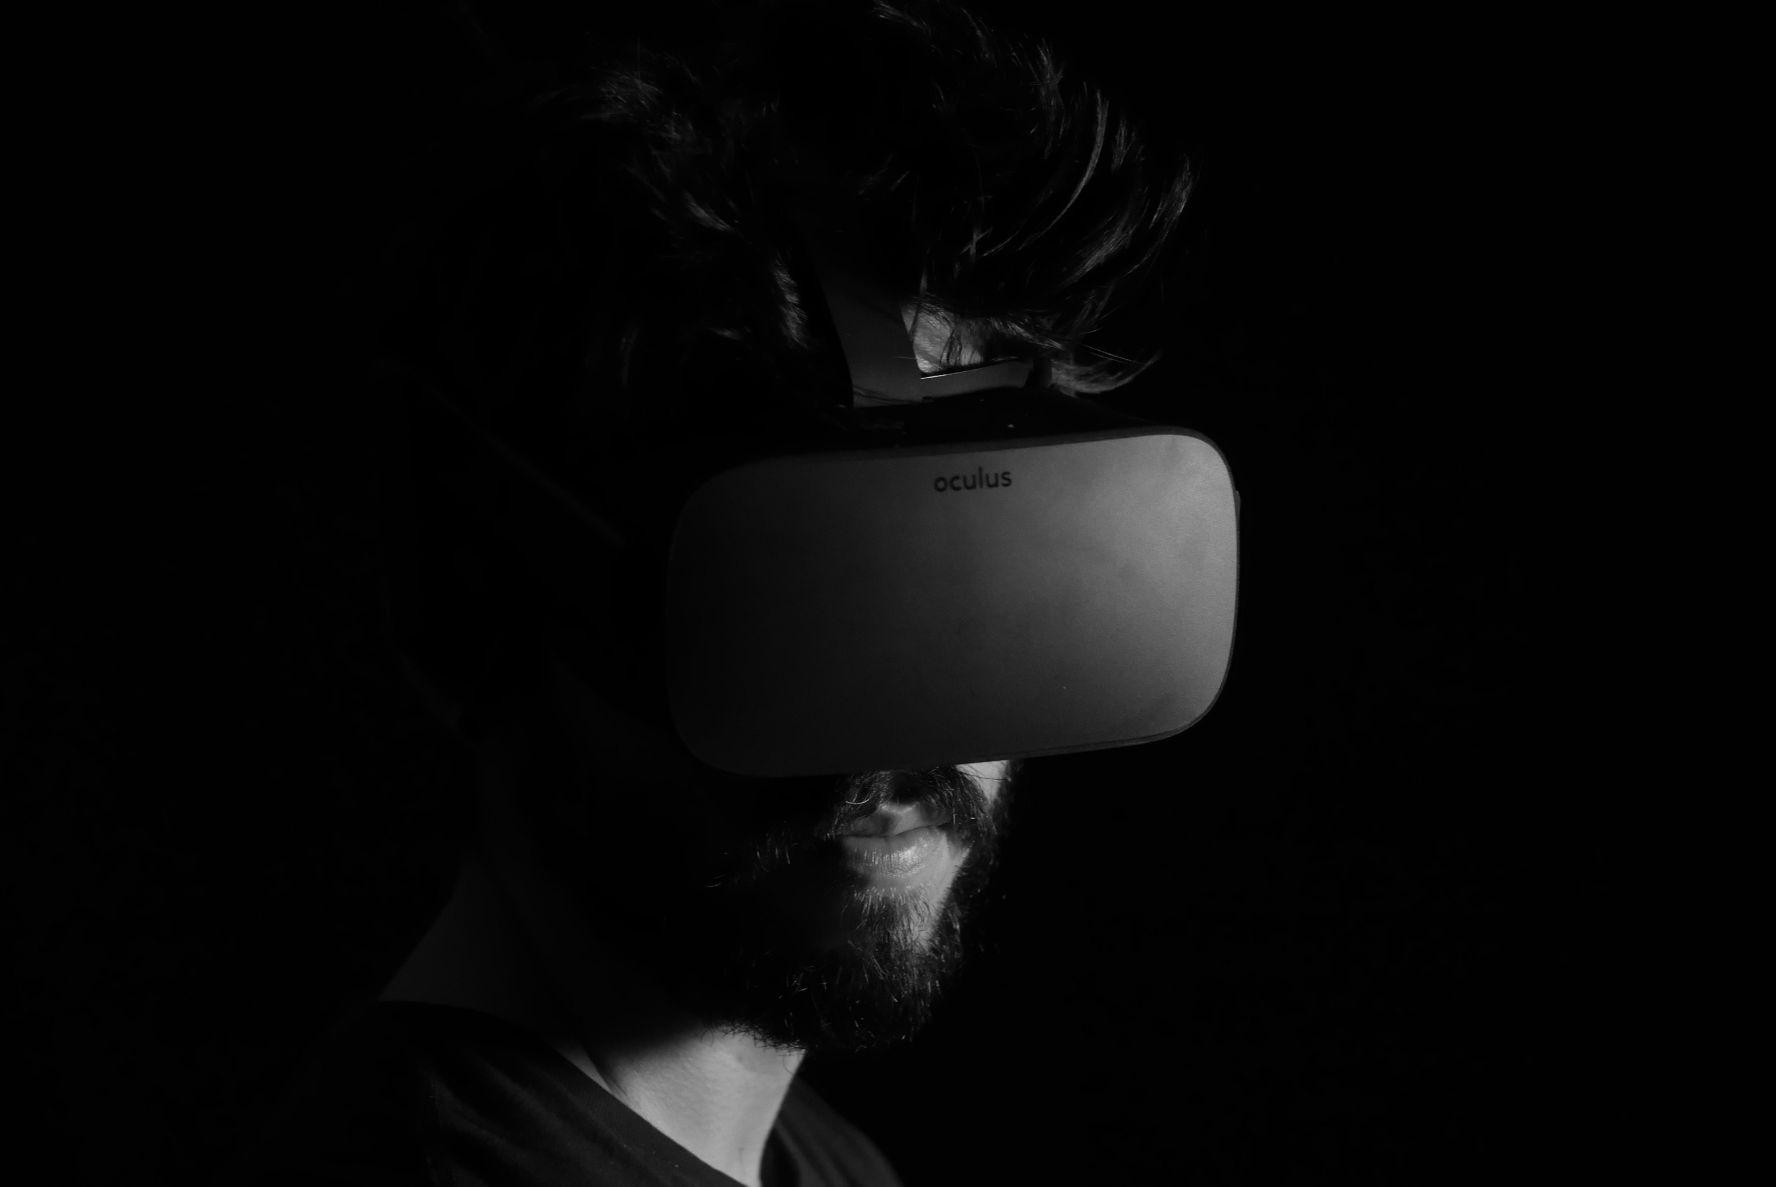 HTC Vive Pro Oculus Go Magic Leap_